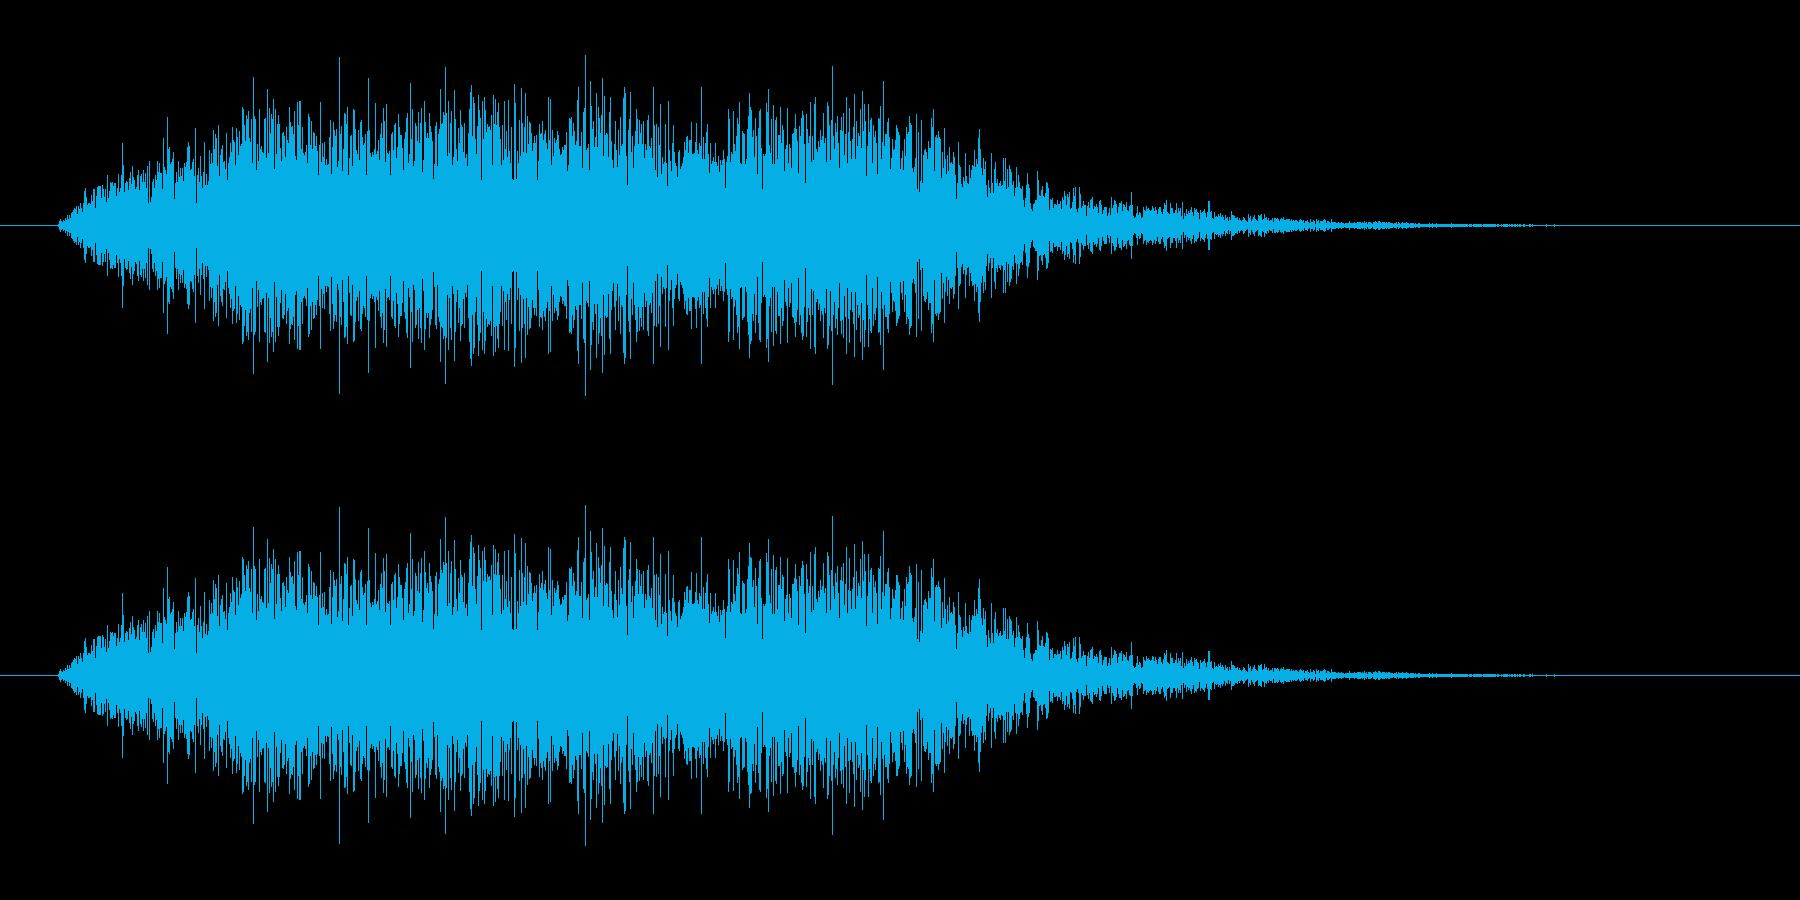 ホラーな低音コーラス ブラス 恐怖の場面の再生済みの波形